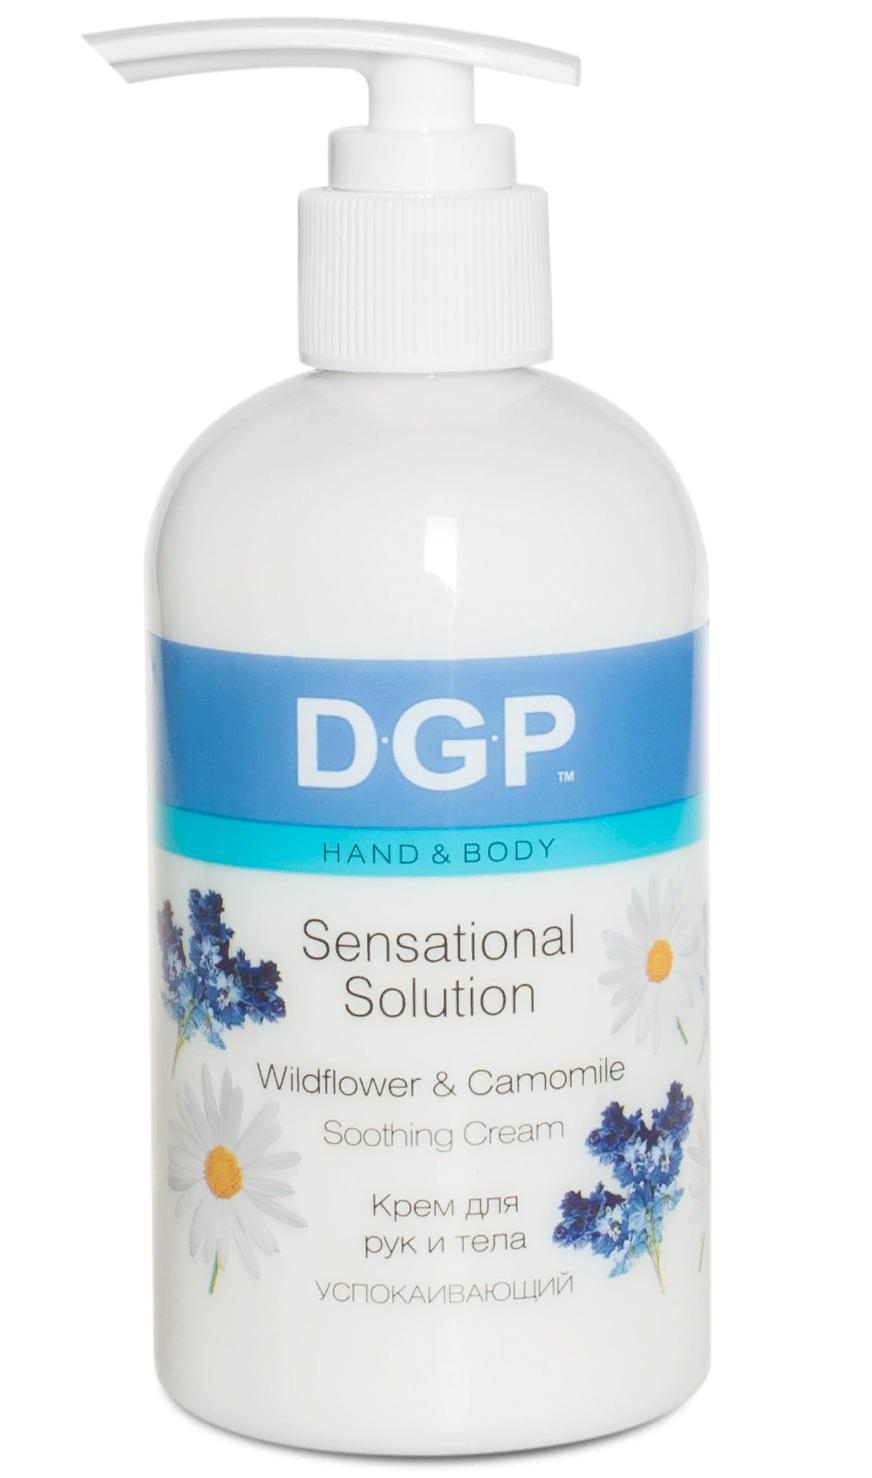 """DOMIX Крем для рук и тела """"Sensational Solution"""" успокаивающий / DGP 260мл"""